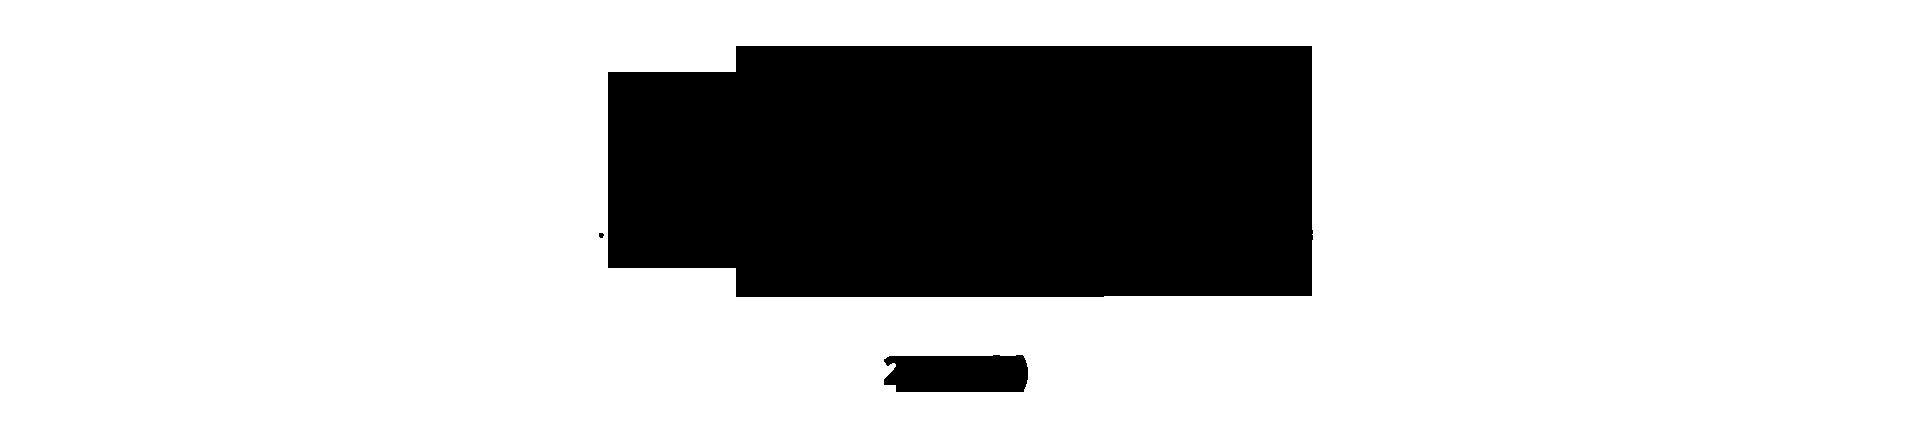 2013i.png